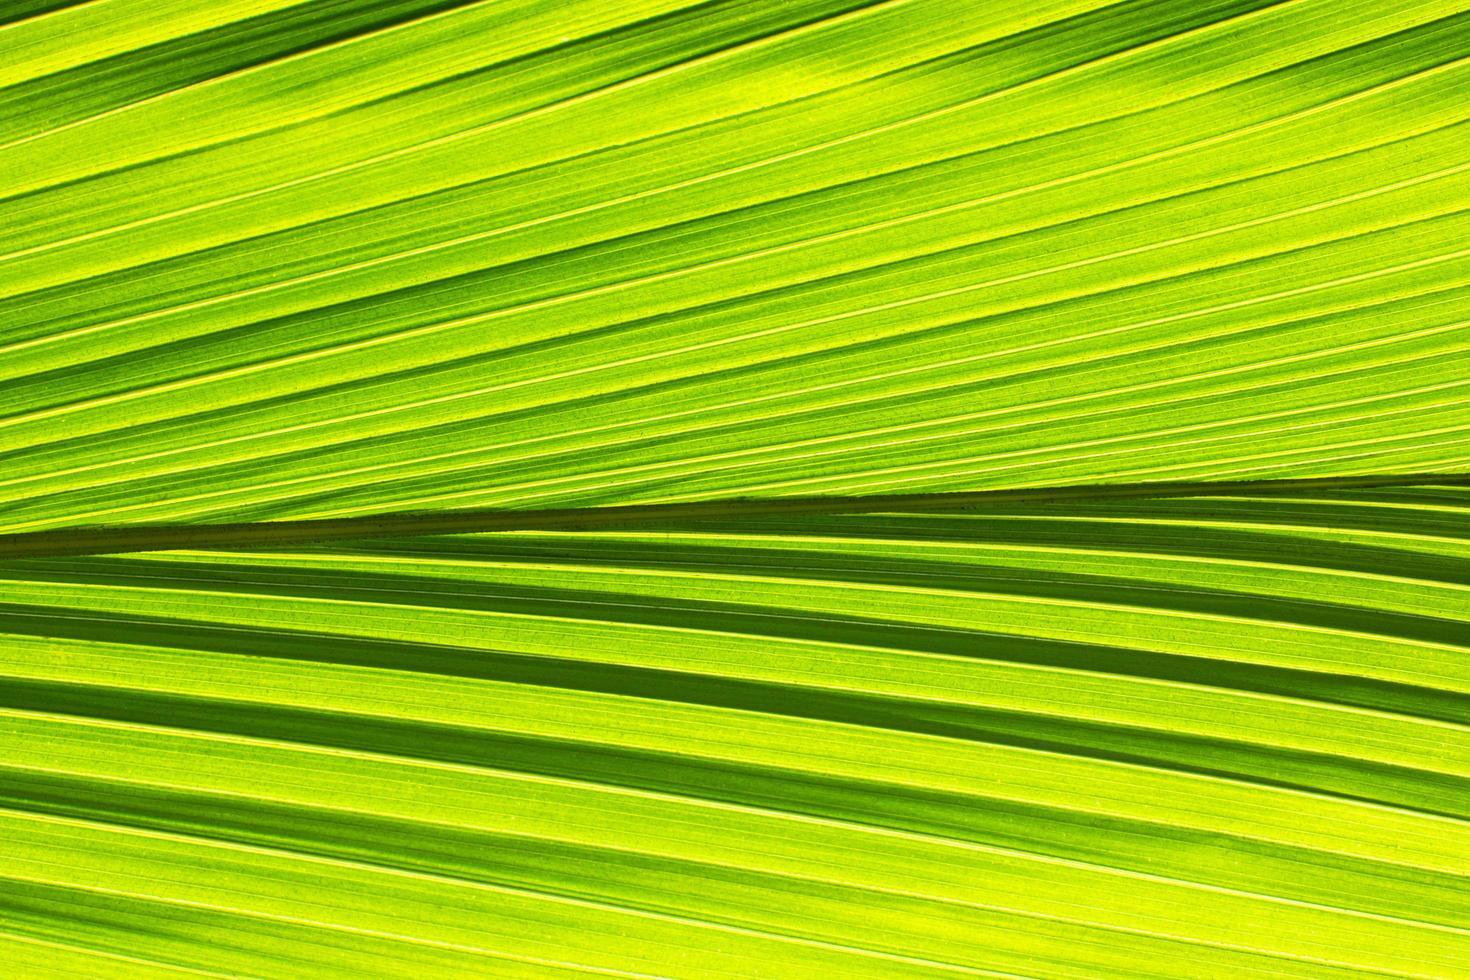 sfondo modello foglia verde foto